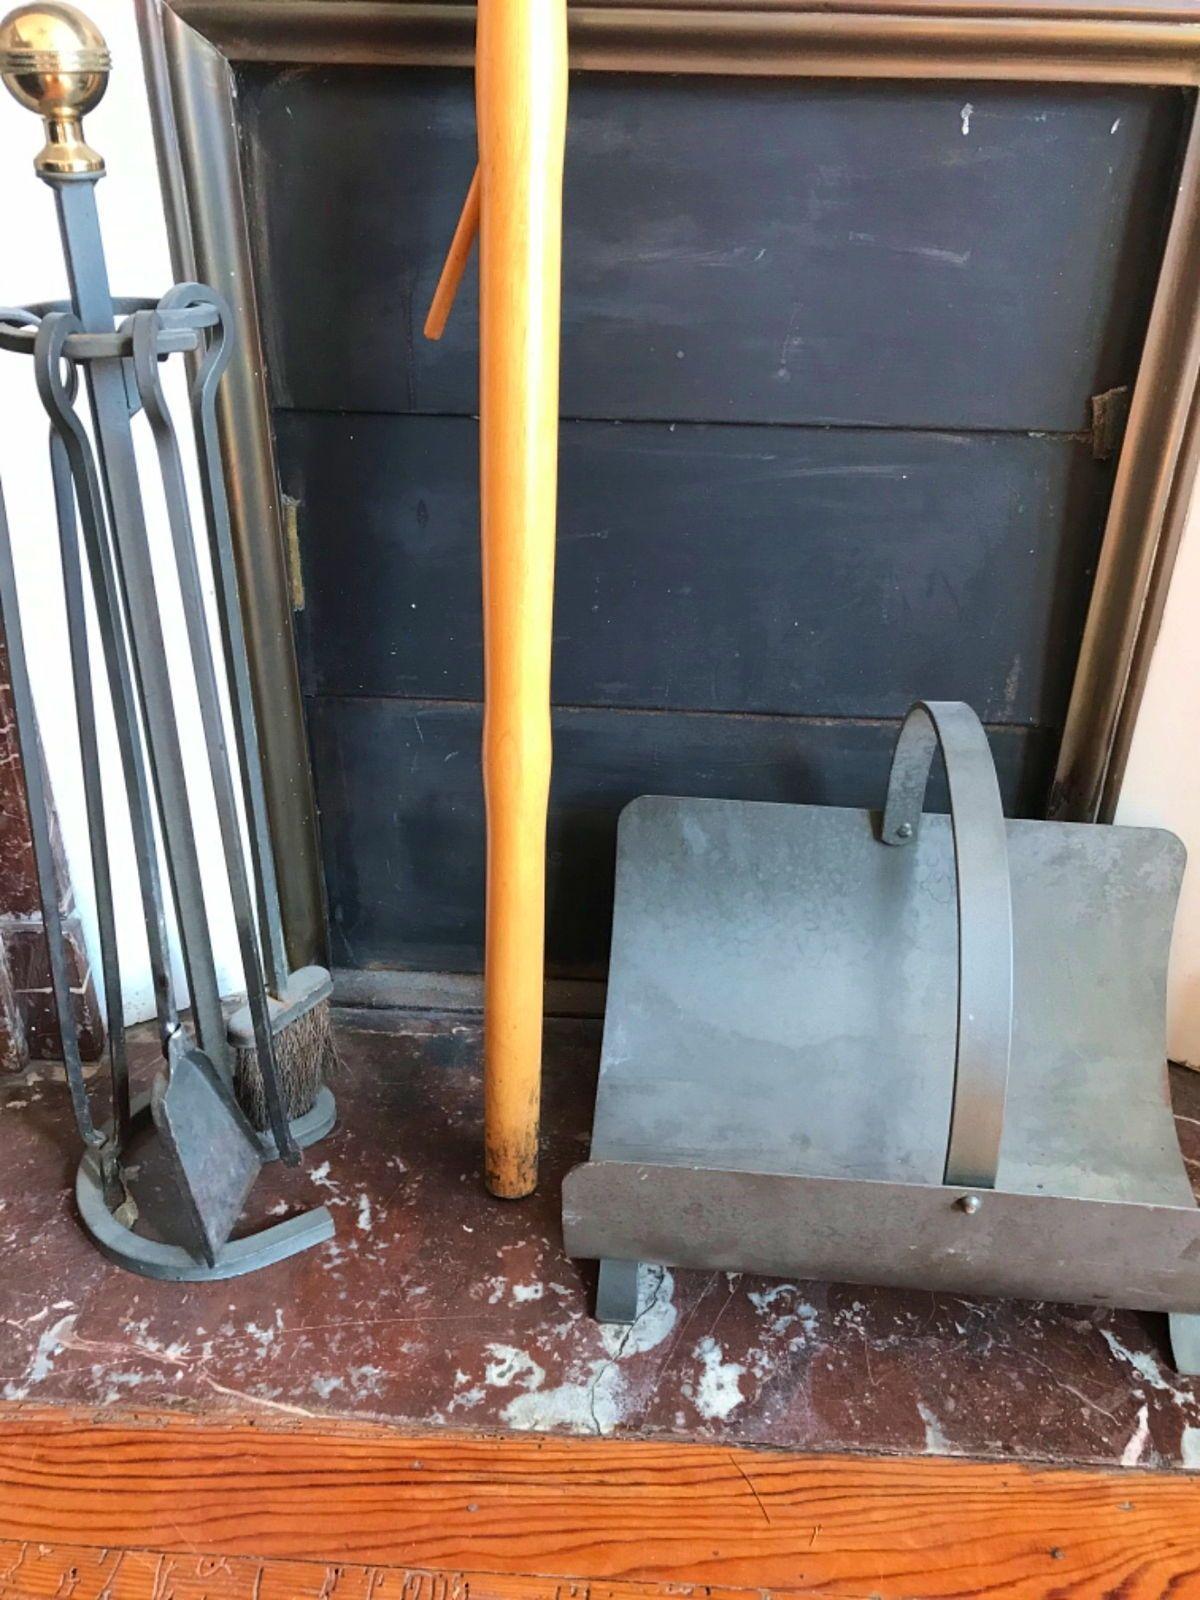 Vends ensemble serviteur complet de cheminée en fer forge